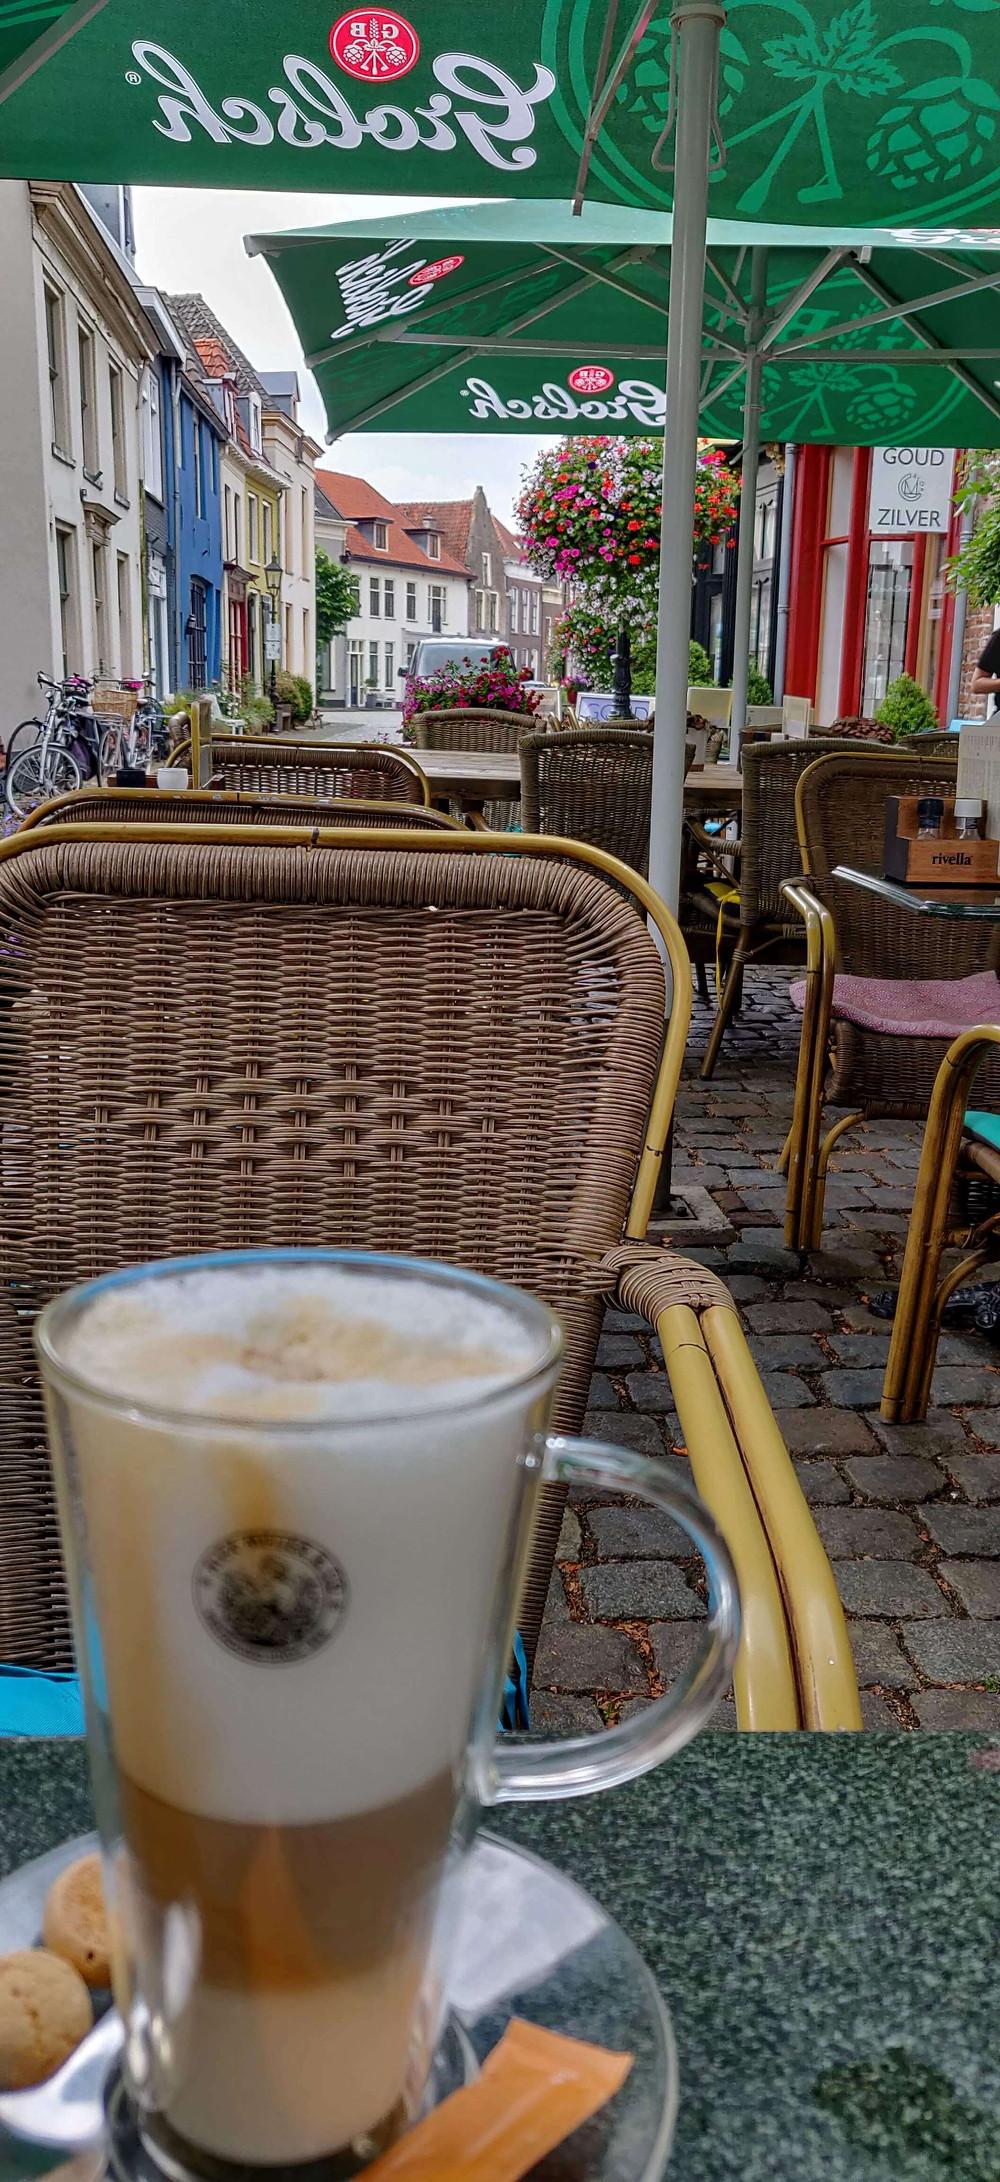 קפה באחד הרחובות הכי יפים בעיר